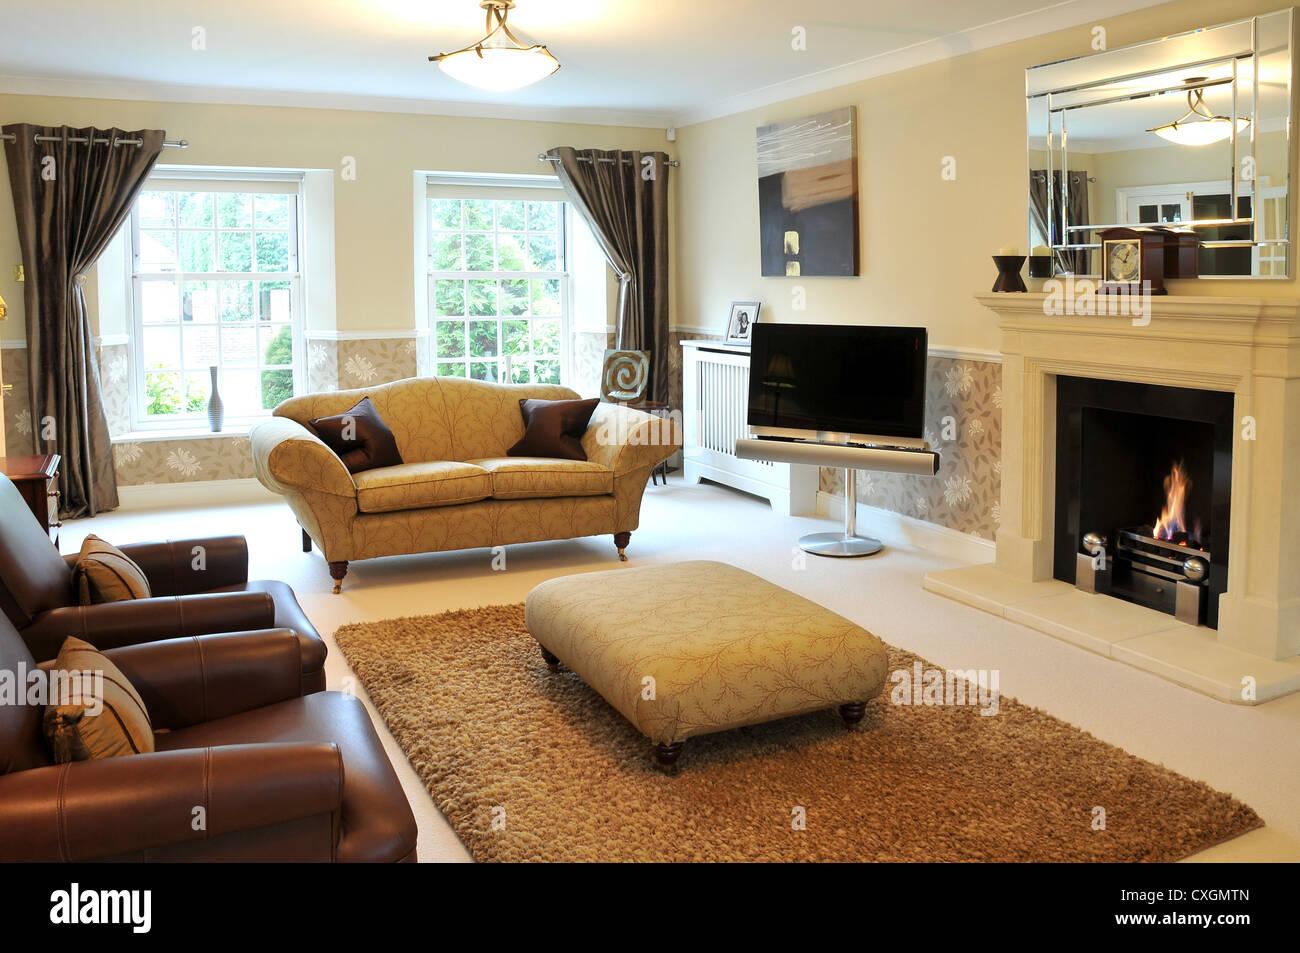 El diseño interior de una casa de lujo de salón con sofás, chimenea ...